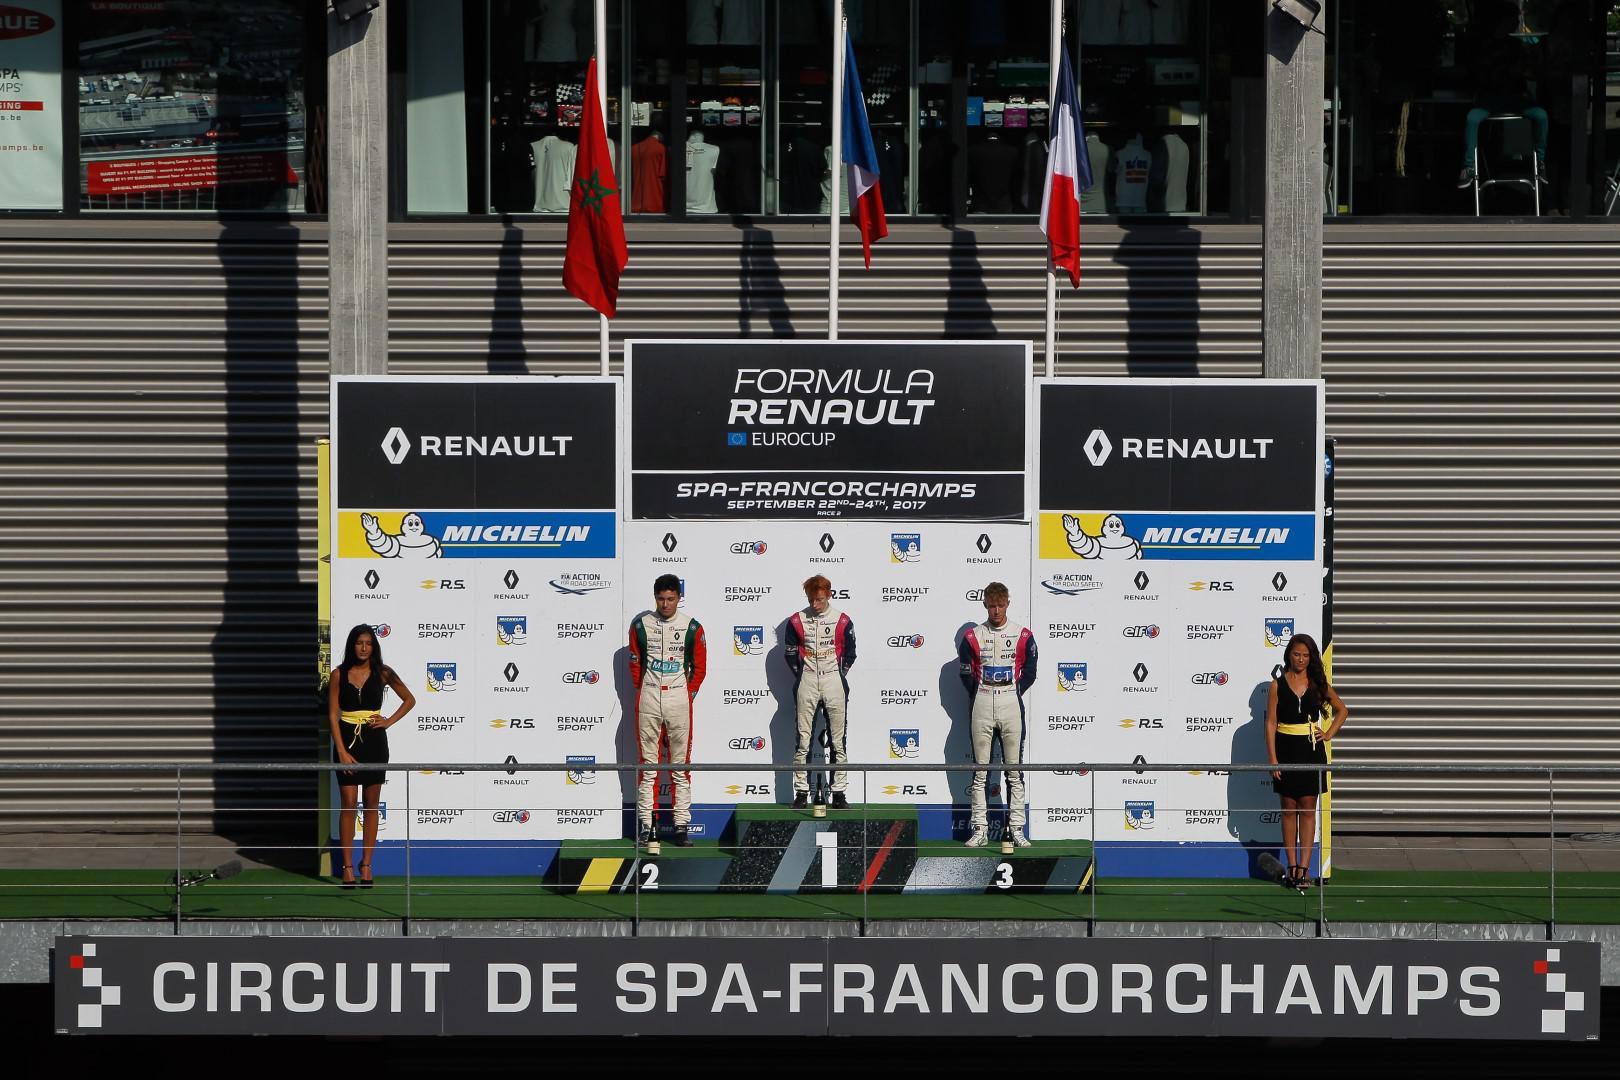 2eme-au-championnat-le-marocain-benyahia-se-replace-dans-la-course-au-titre-nec-formule-renault-2-0-425-3.jpg